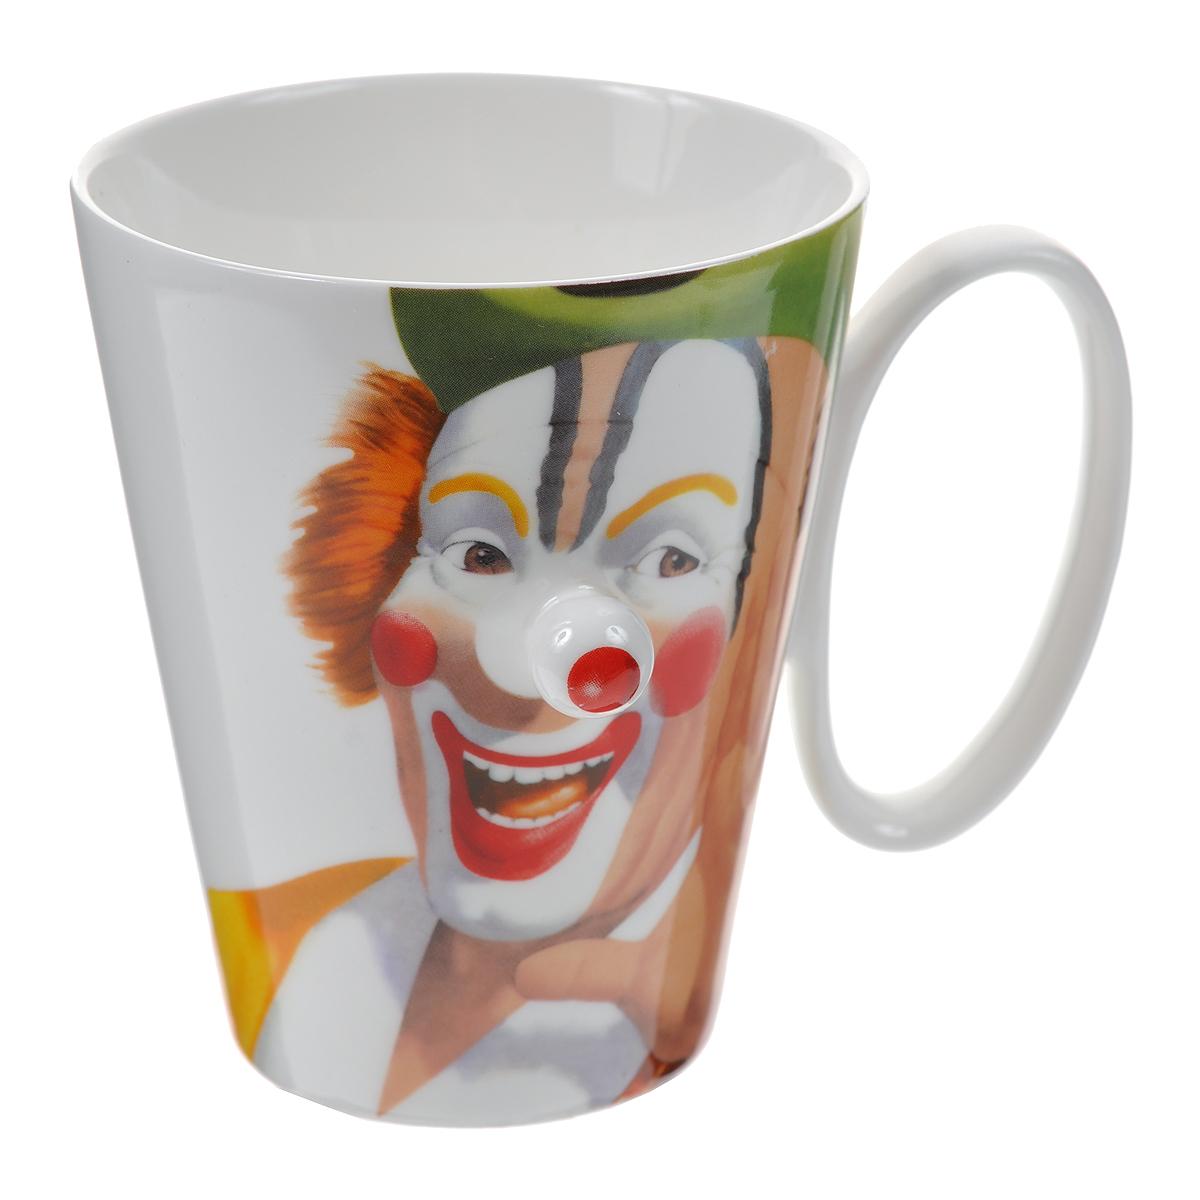 Кружка Клоун, красный нос. 003426003426Оригинальная кружка Клоун выполнена из керамики и оформлена забавным изображением клоуна с выступающим красным носом. Такая кружка станет не только приятным, но и практичным сувениром. Характеристики:Материал:керамика. Высота кружки:10 см. Диаметр по верхнему краю: 8,5 см. Размер упаковки:11,5 см х 9,5 см х 11 см. Артикул: 003426.